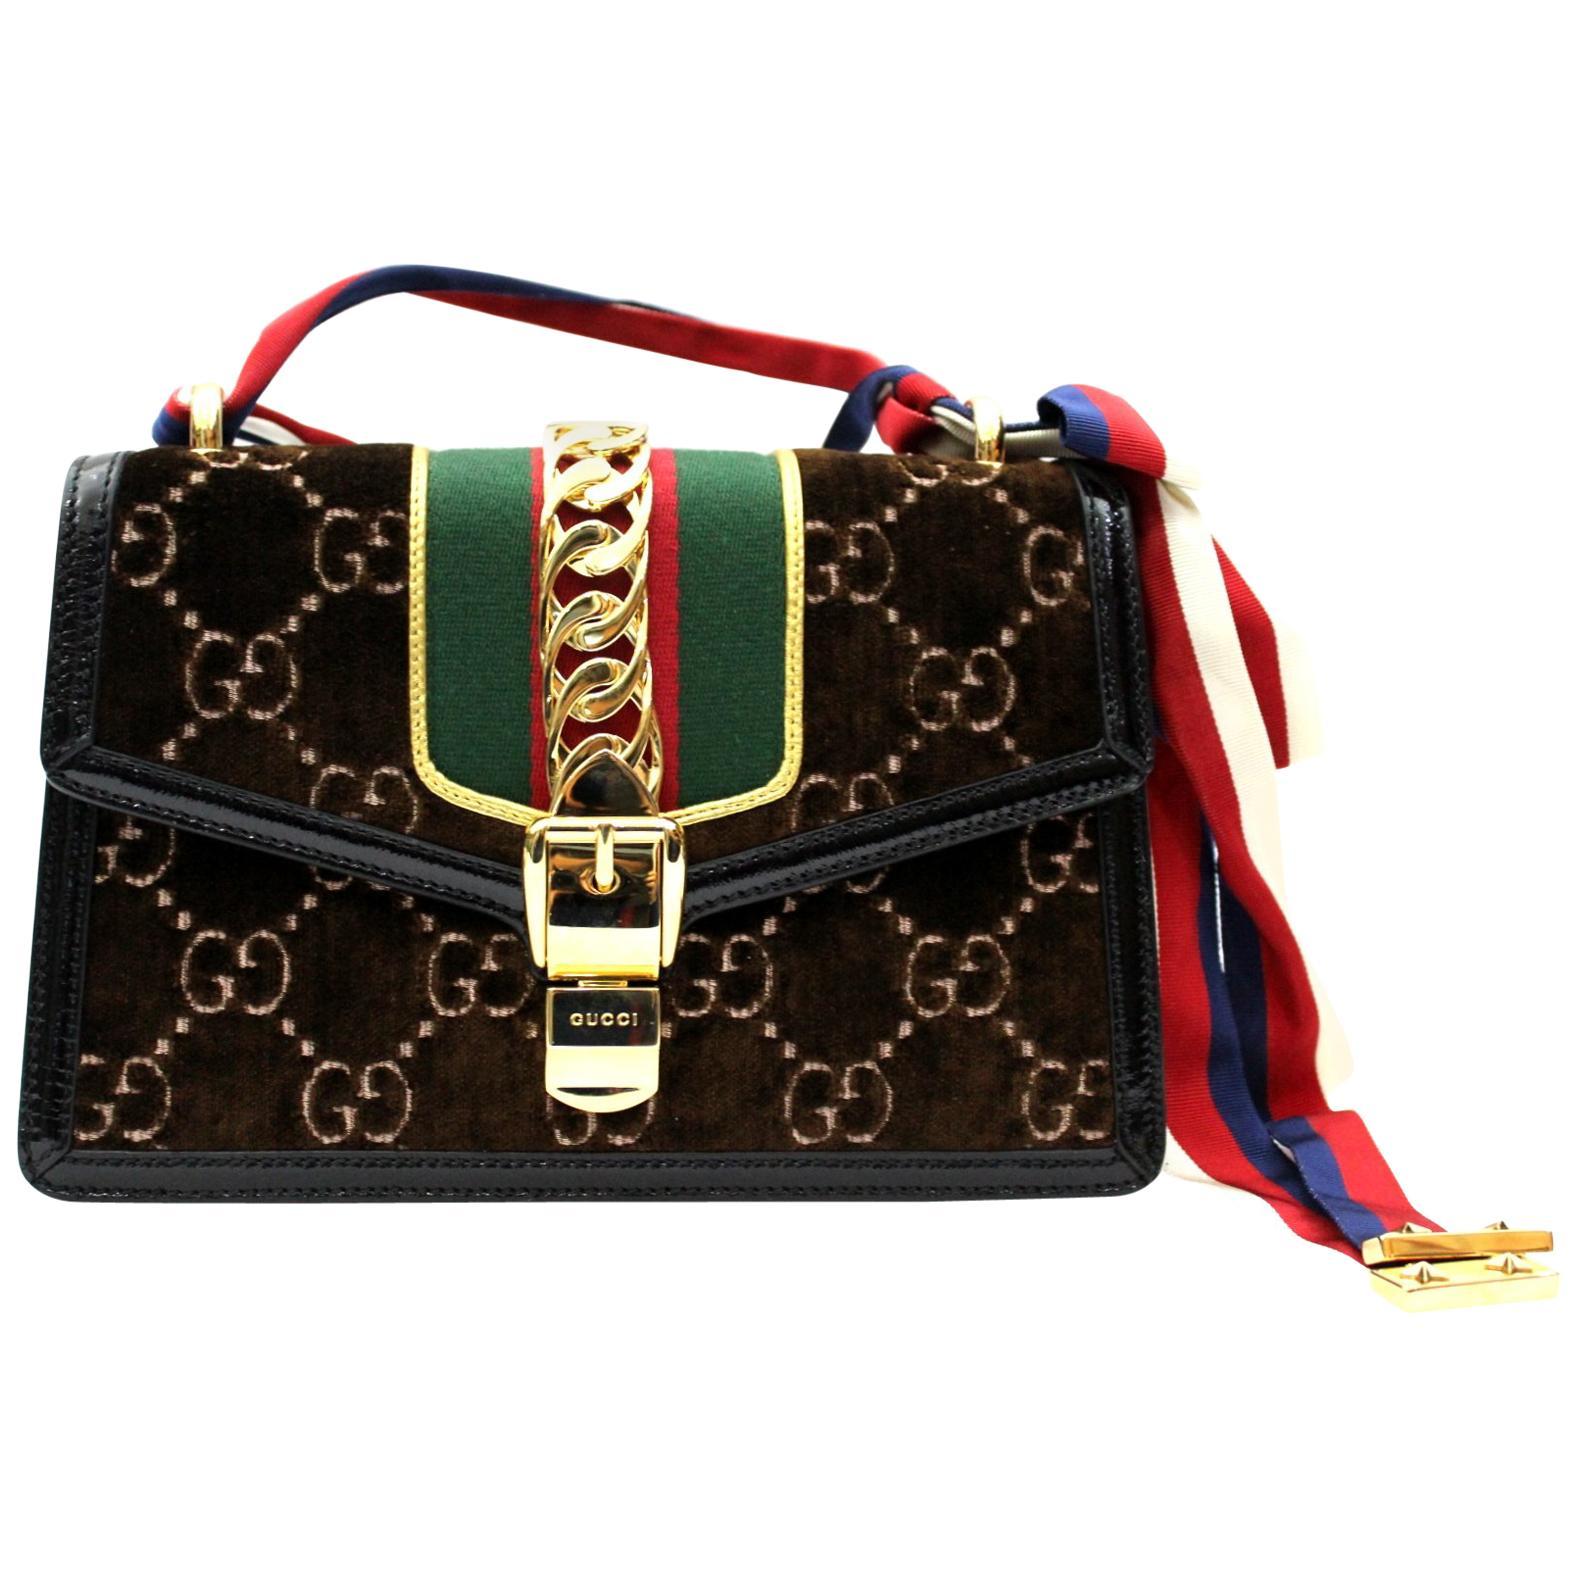 2018 Gucci Velvet Sylvie Bag